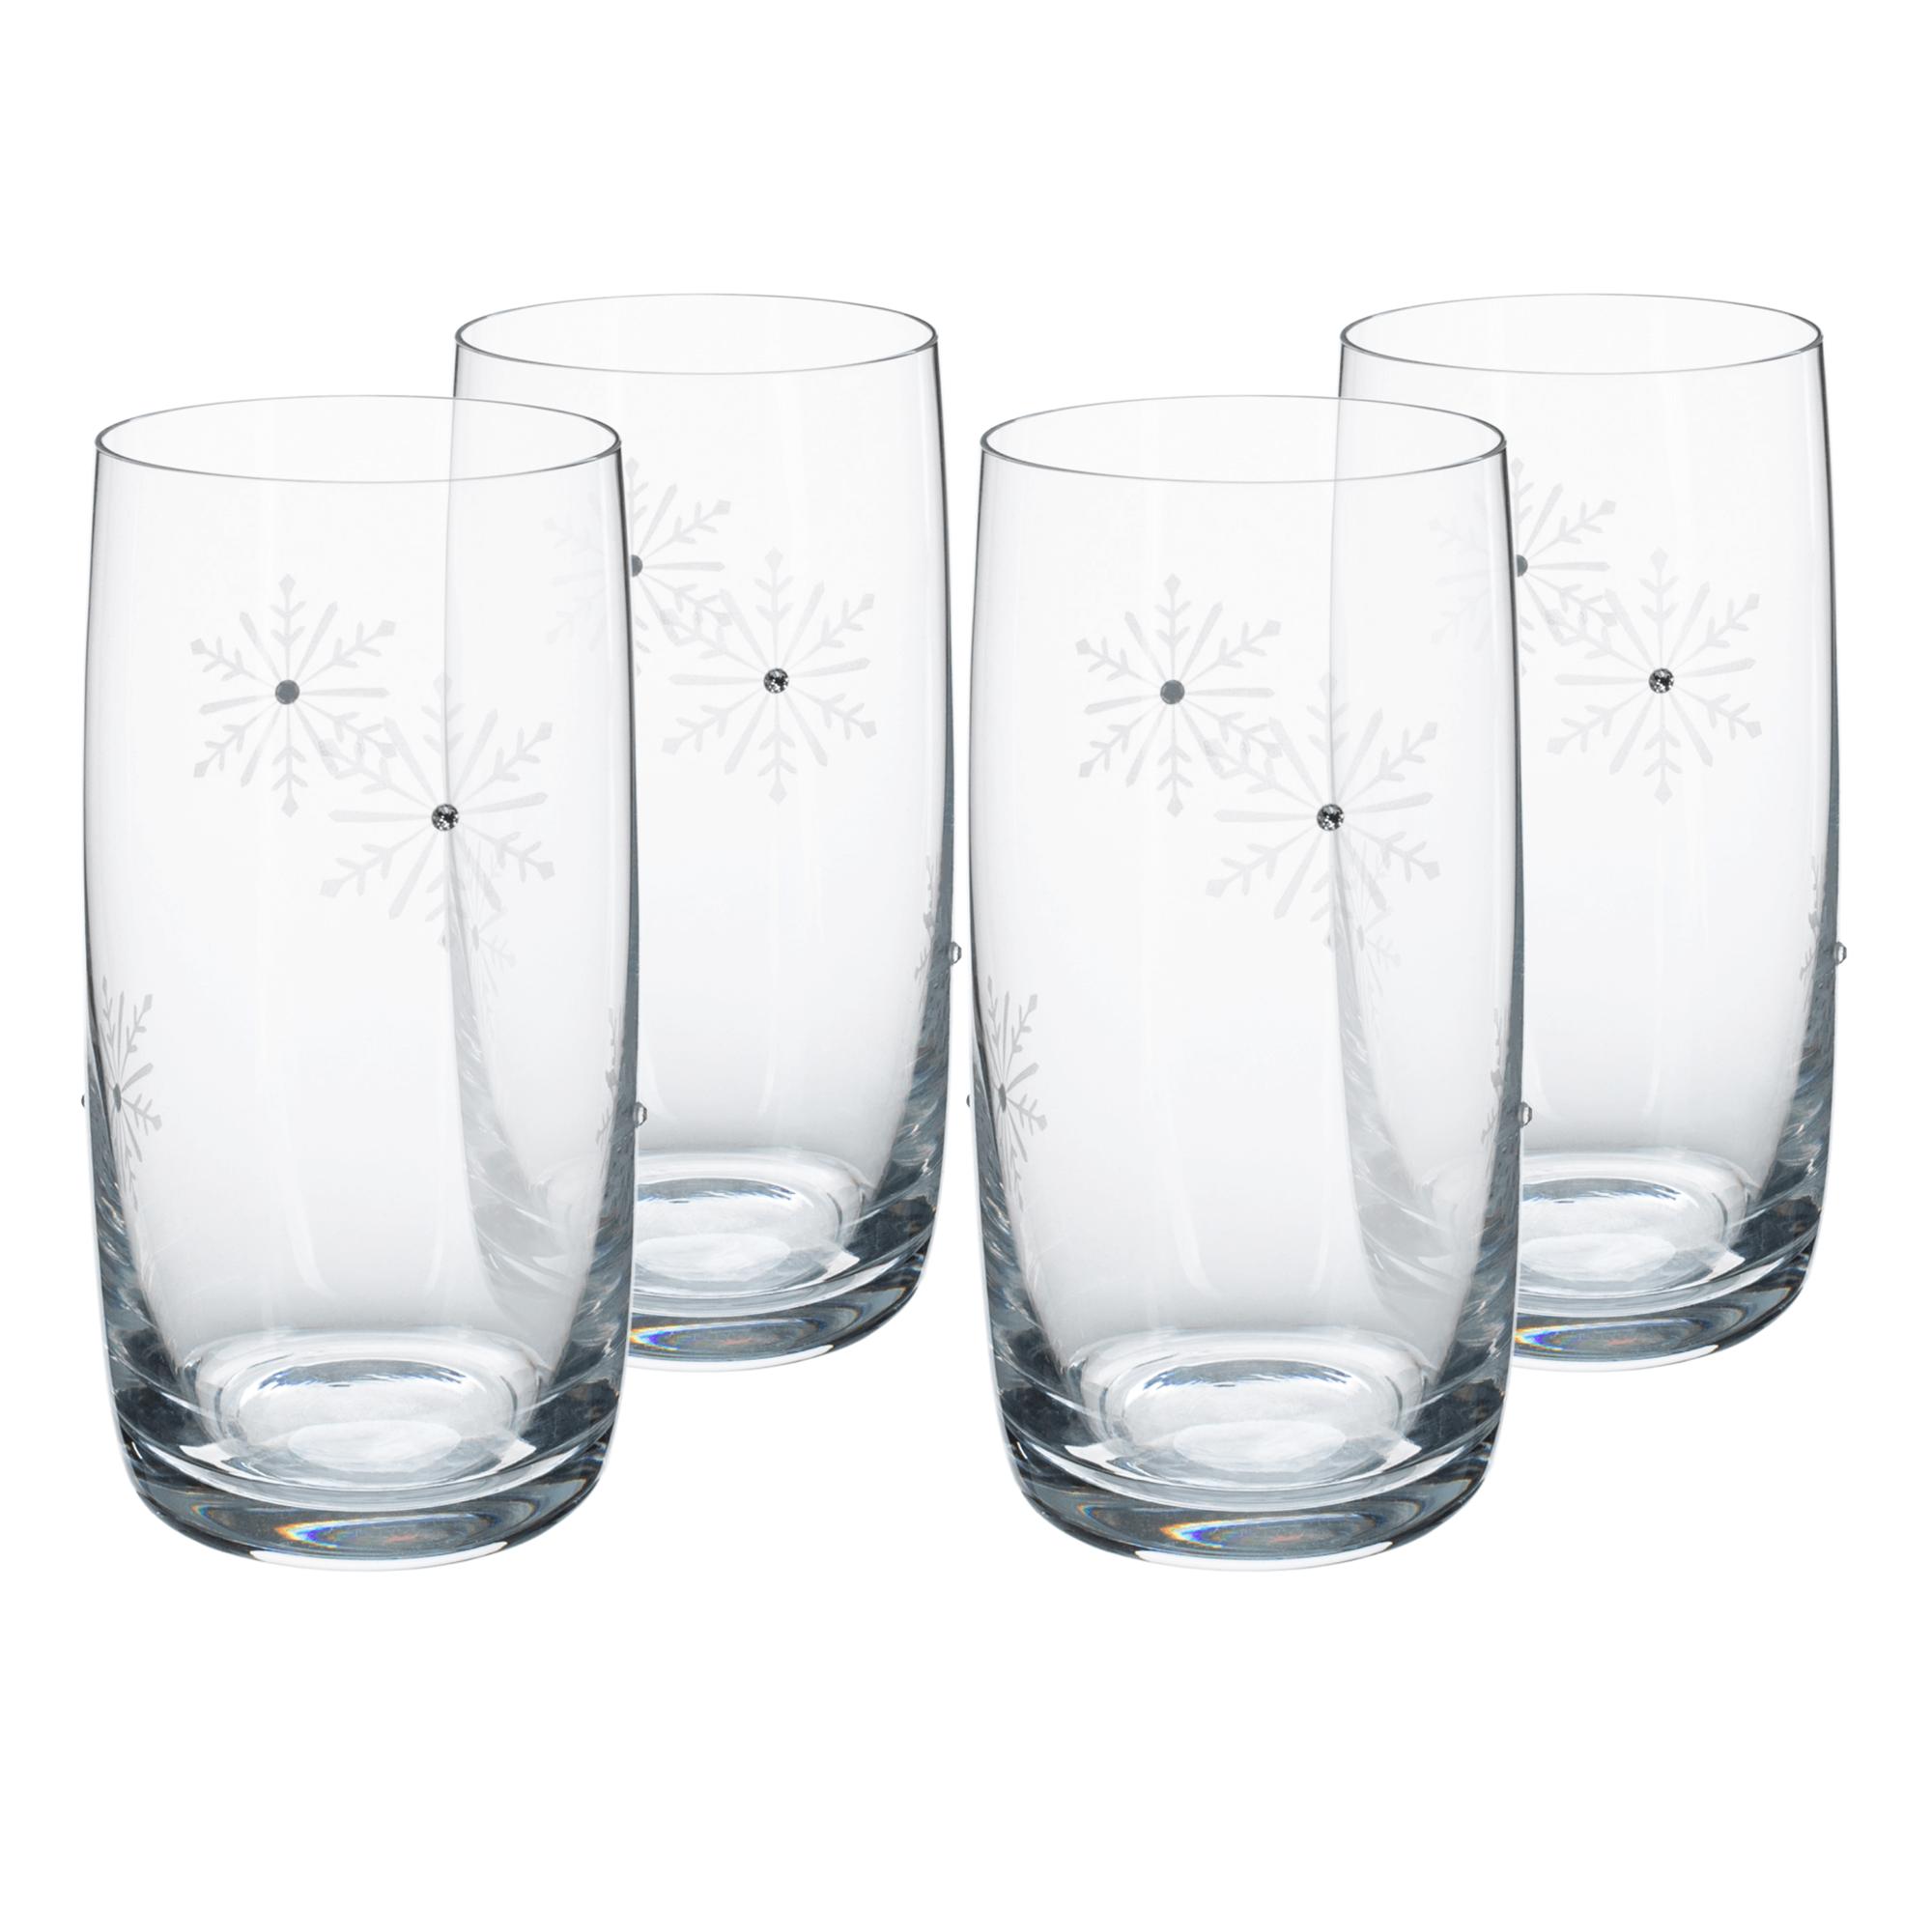 Pahare de apă, set de 4, 460 ml, transparent / alb, SNOWFLAKE DRINK